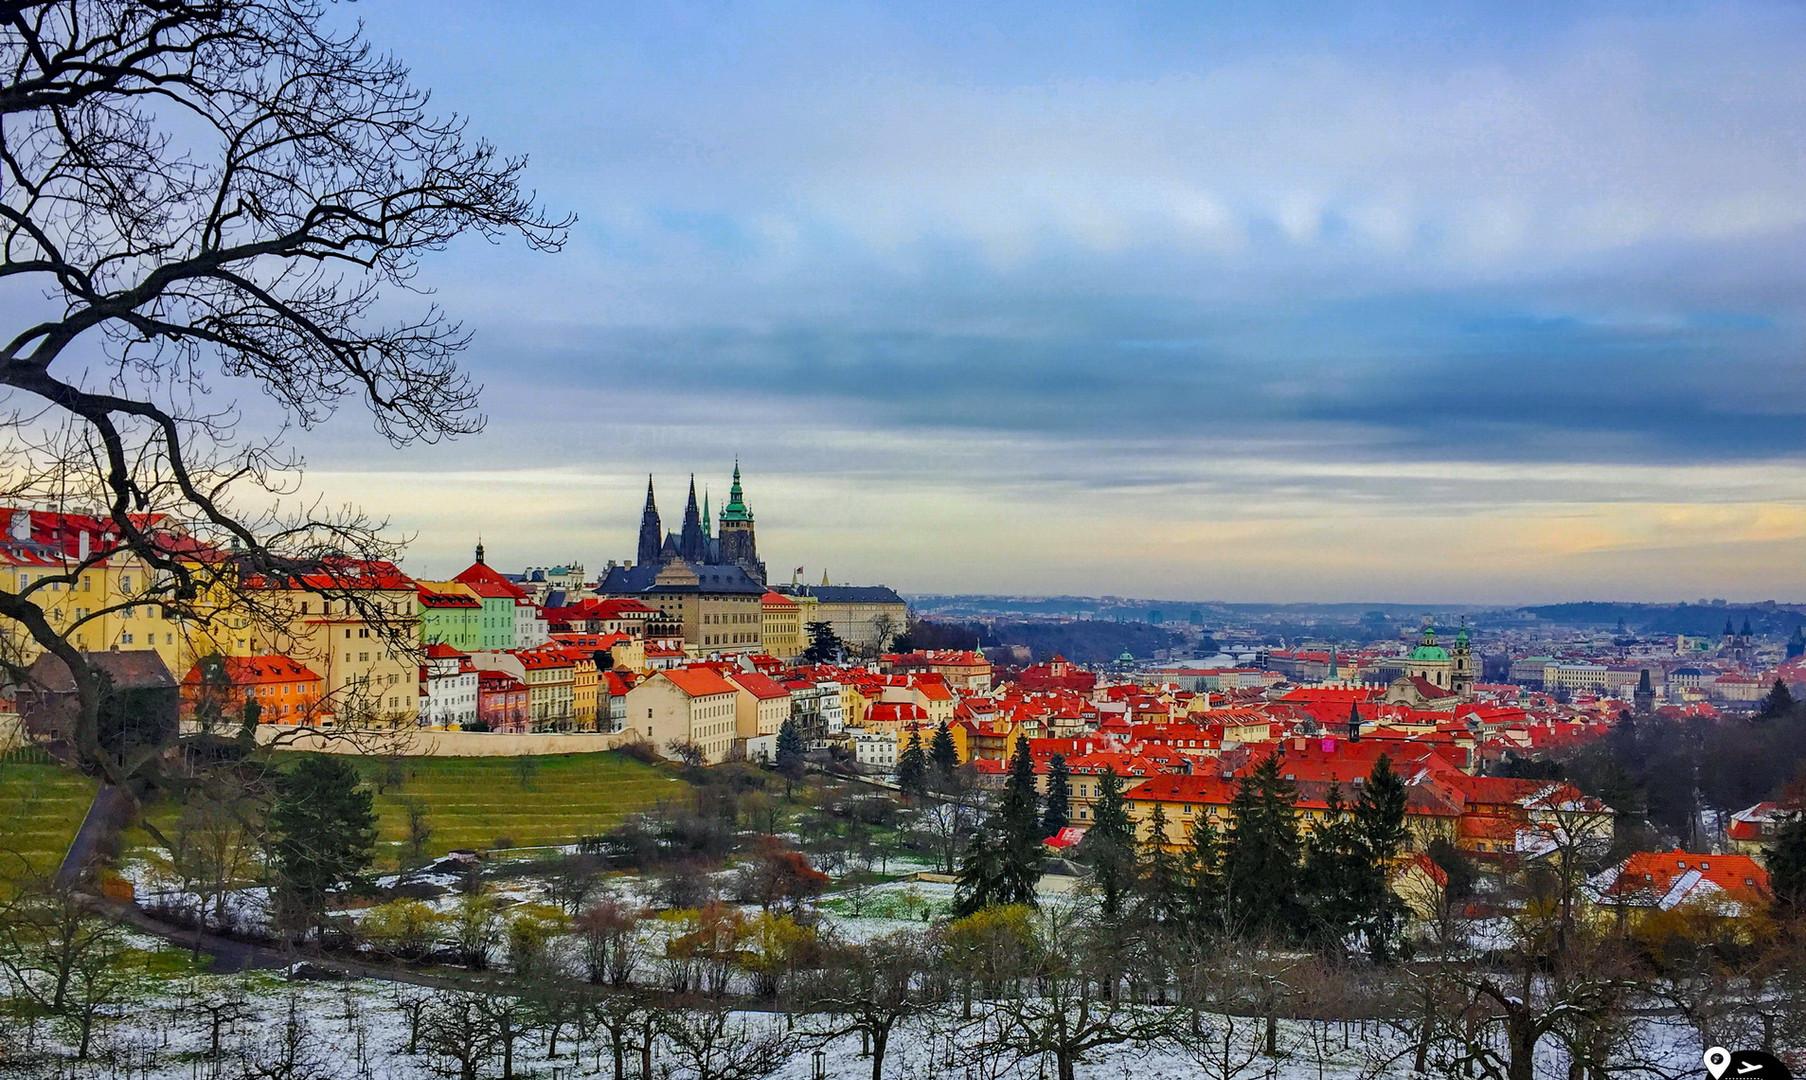 Пражский Град и старый город, Прага